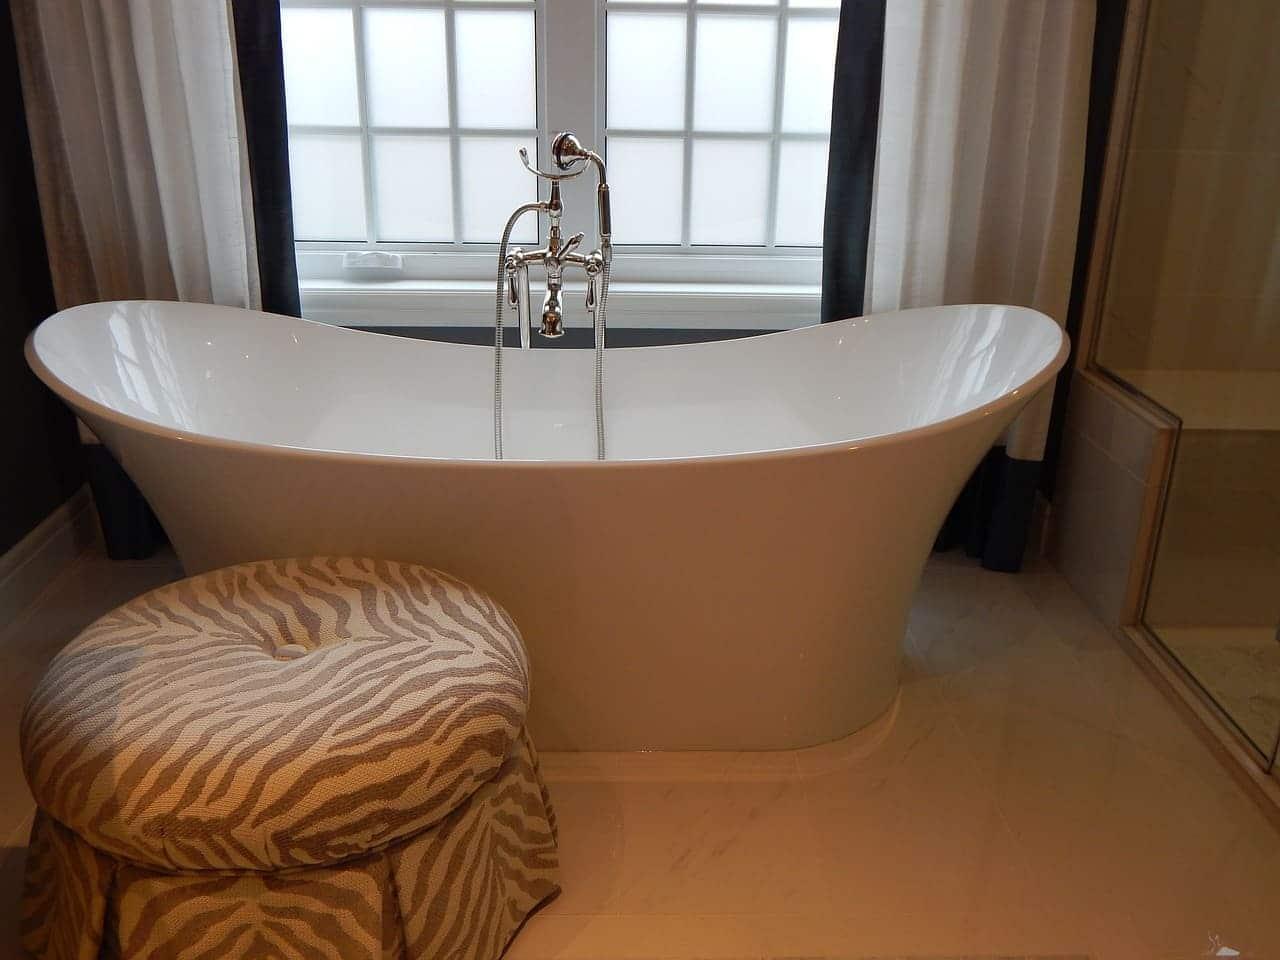 baños de agua caliente relajación